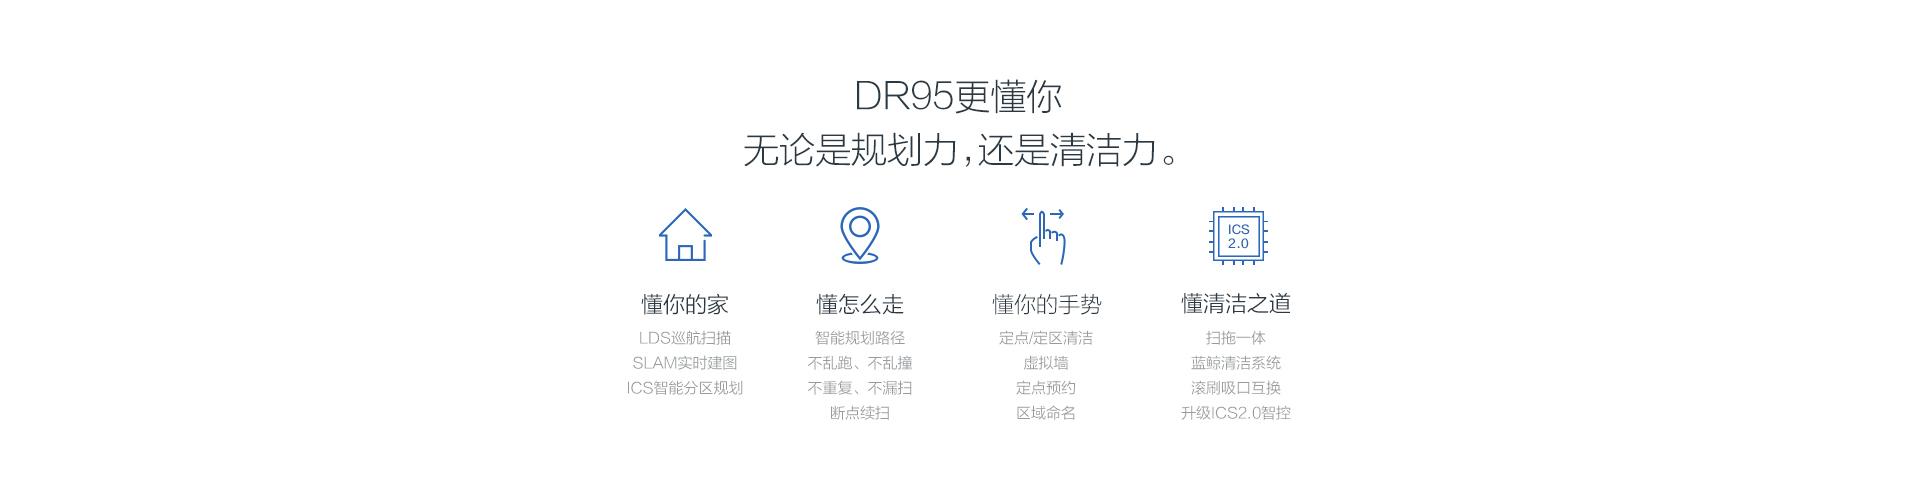 DR95,無論是規劃力還是清潔力